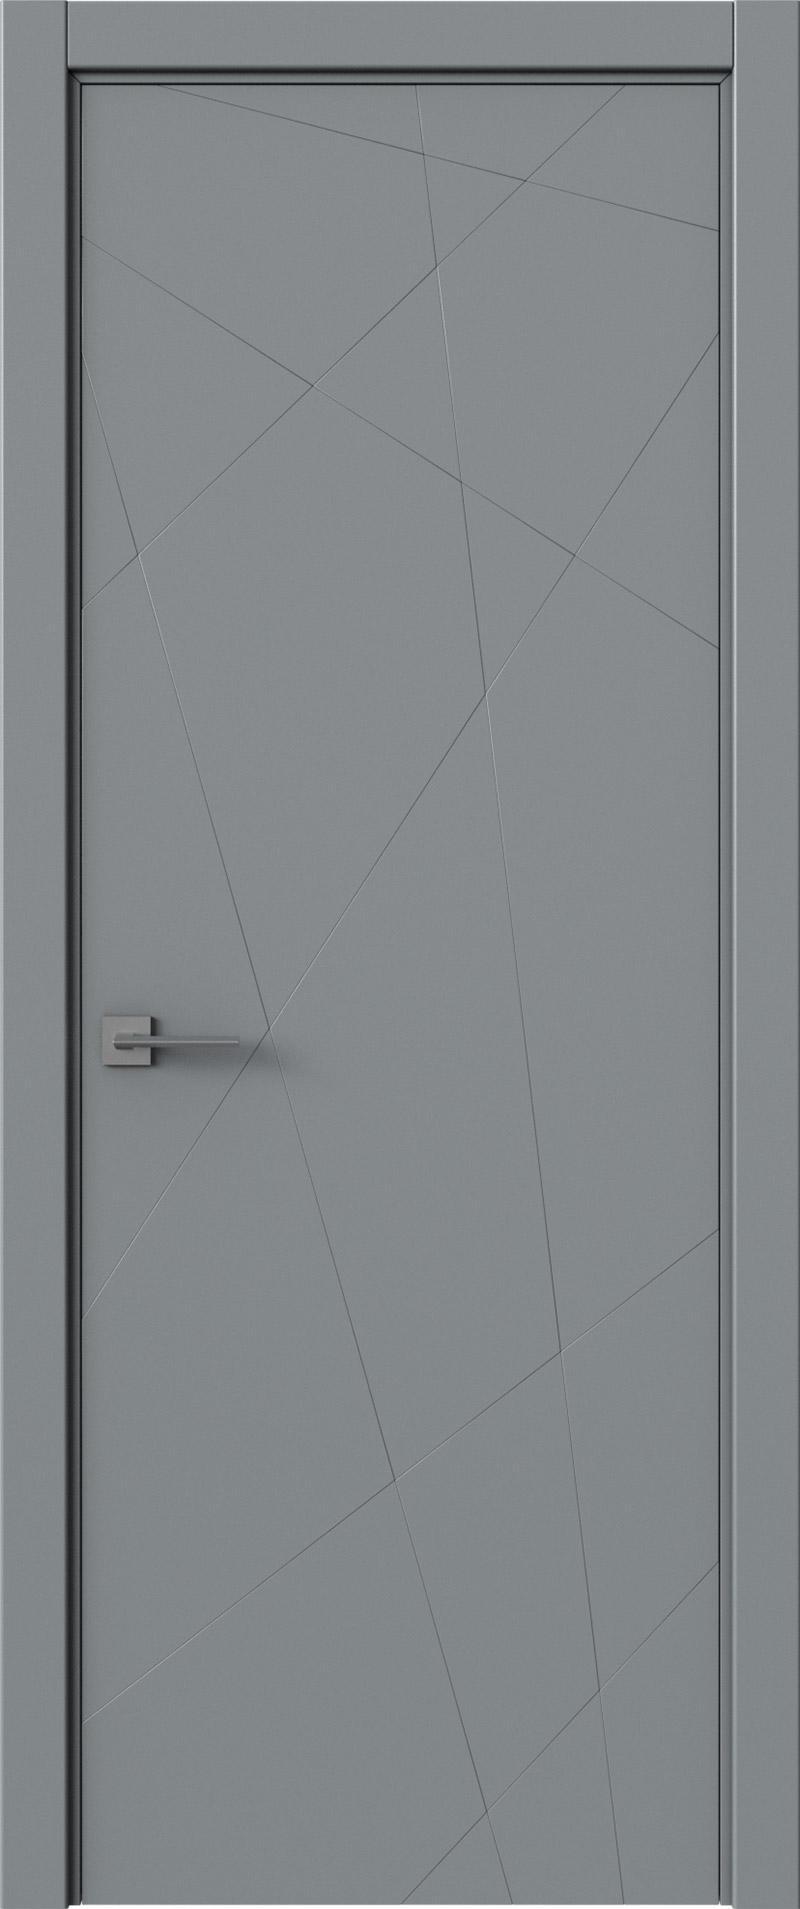 Tivoli В-5 цвет - Серебристо-серая эмаль (RAL 7045) Без стекла (ДГ)